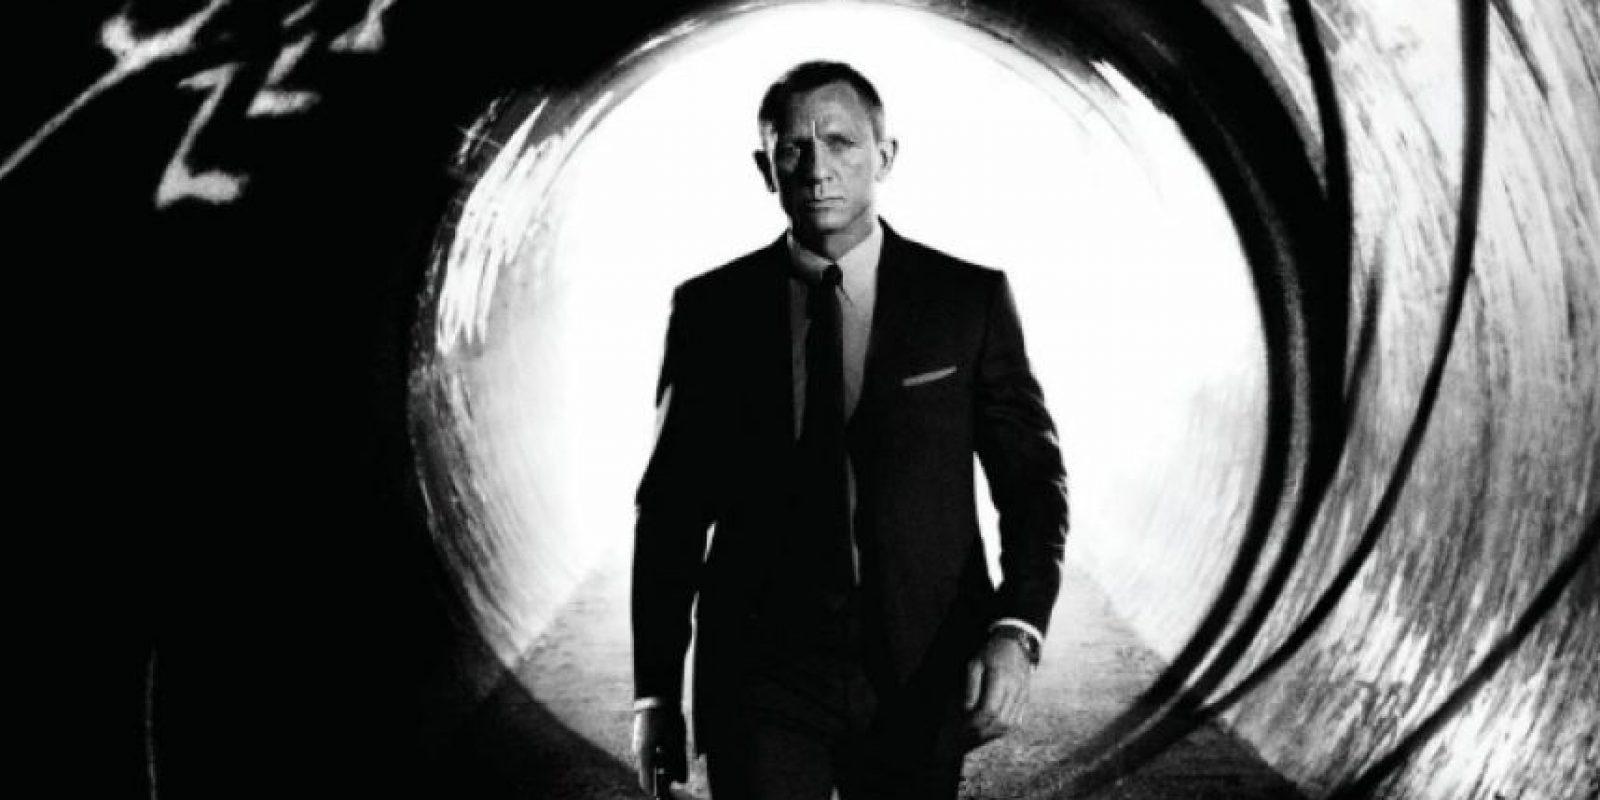 El personaje fue creado en 1952 por Ian Fleming Foto:Facebook: James Bond